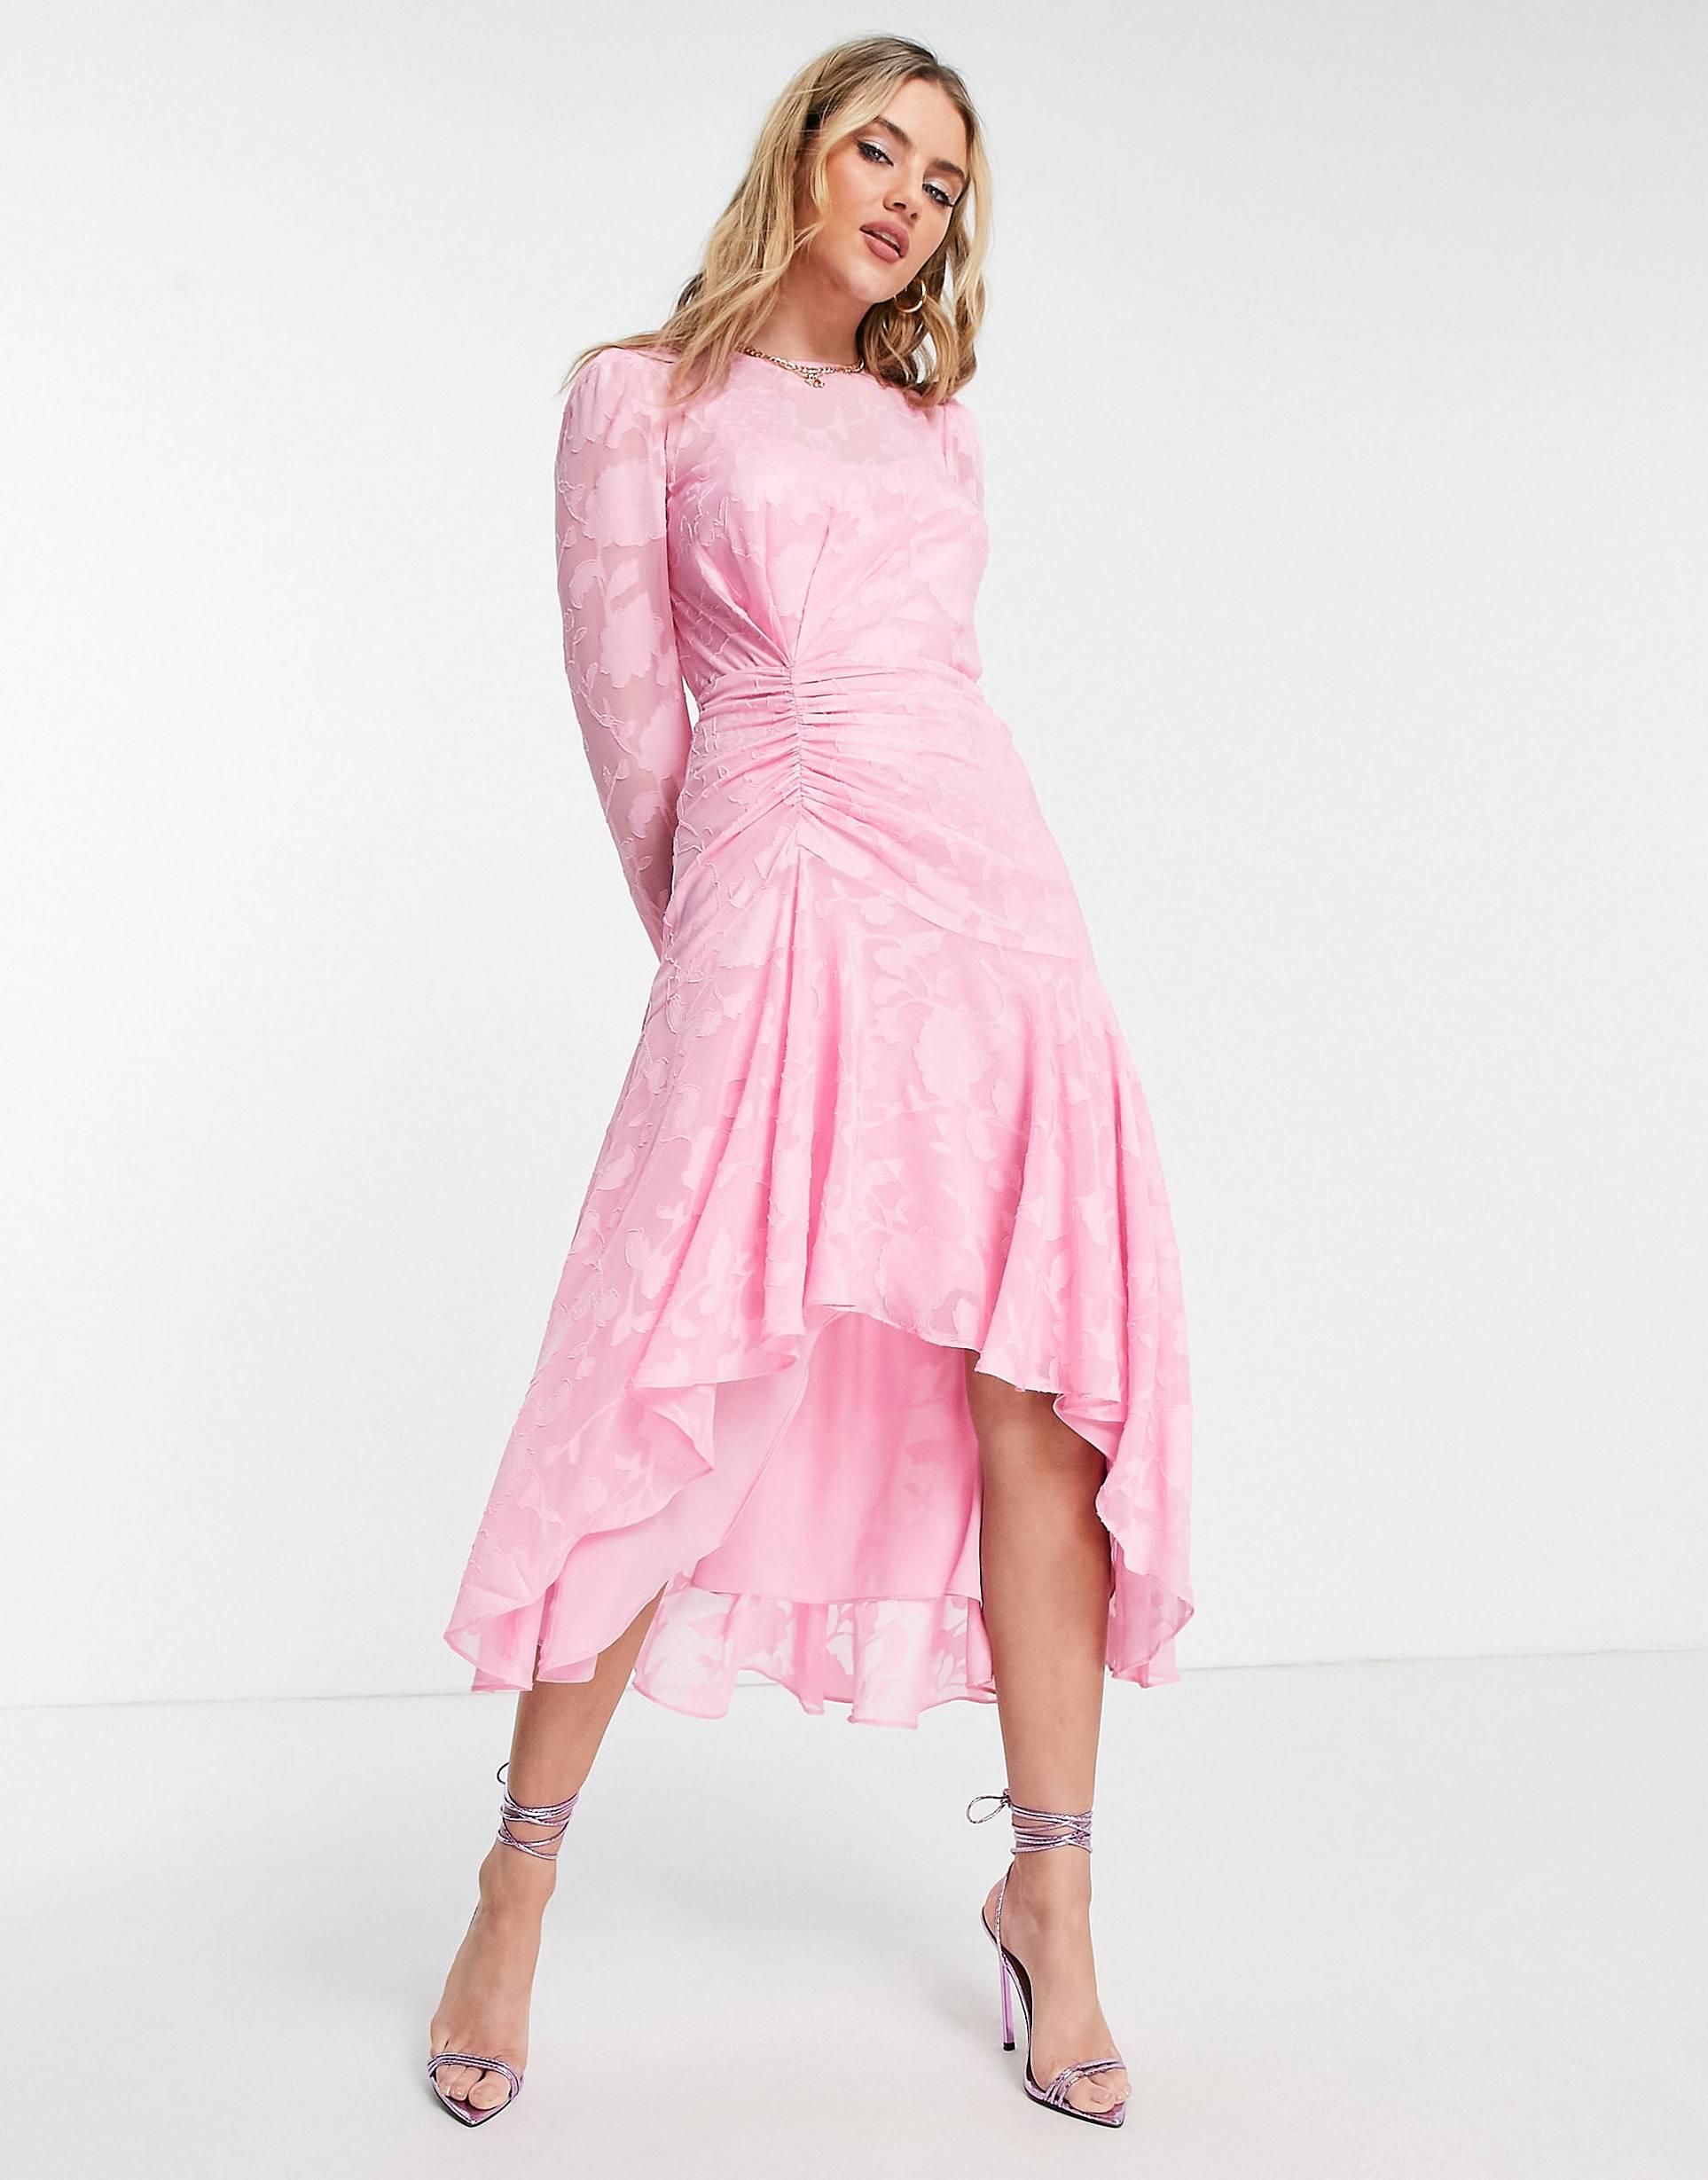 Vestido midi rosa asimétrico con cintura fruncida.